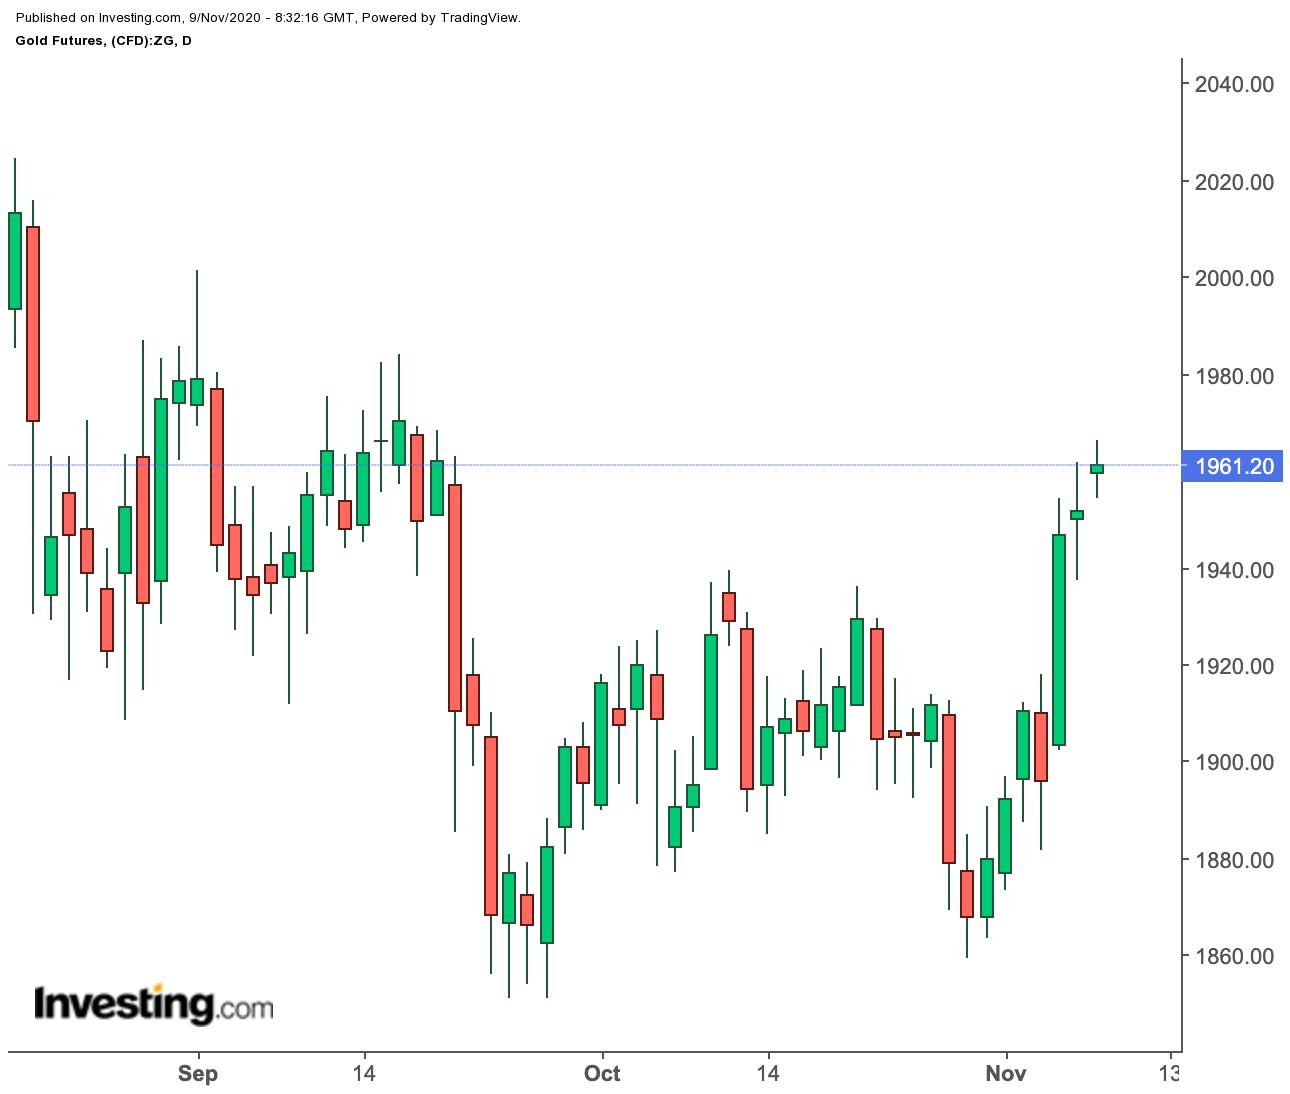 Прогноз недели: нефть и золото растут на фоне победы Байдена